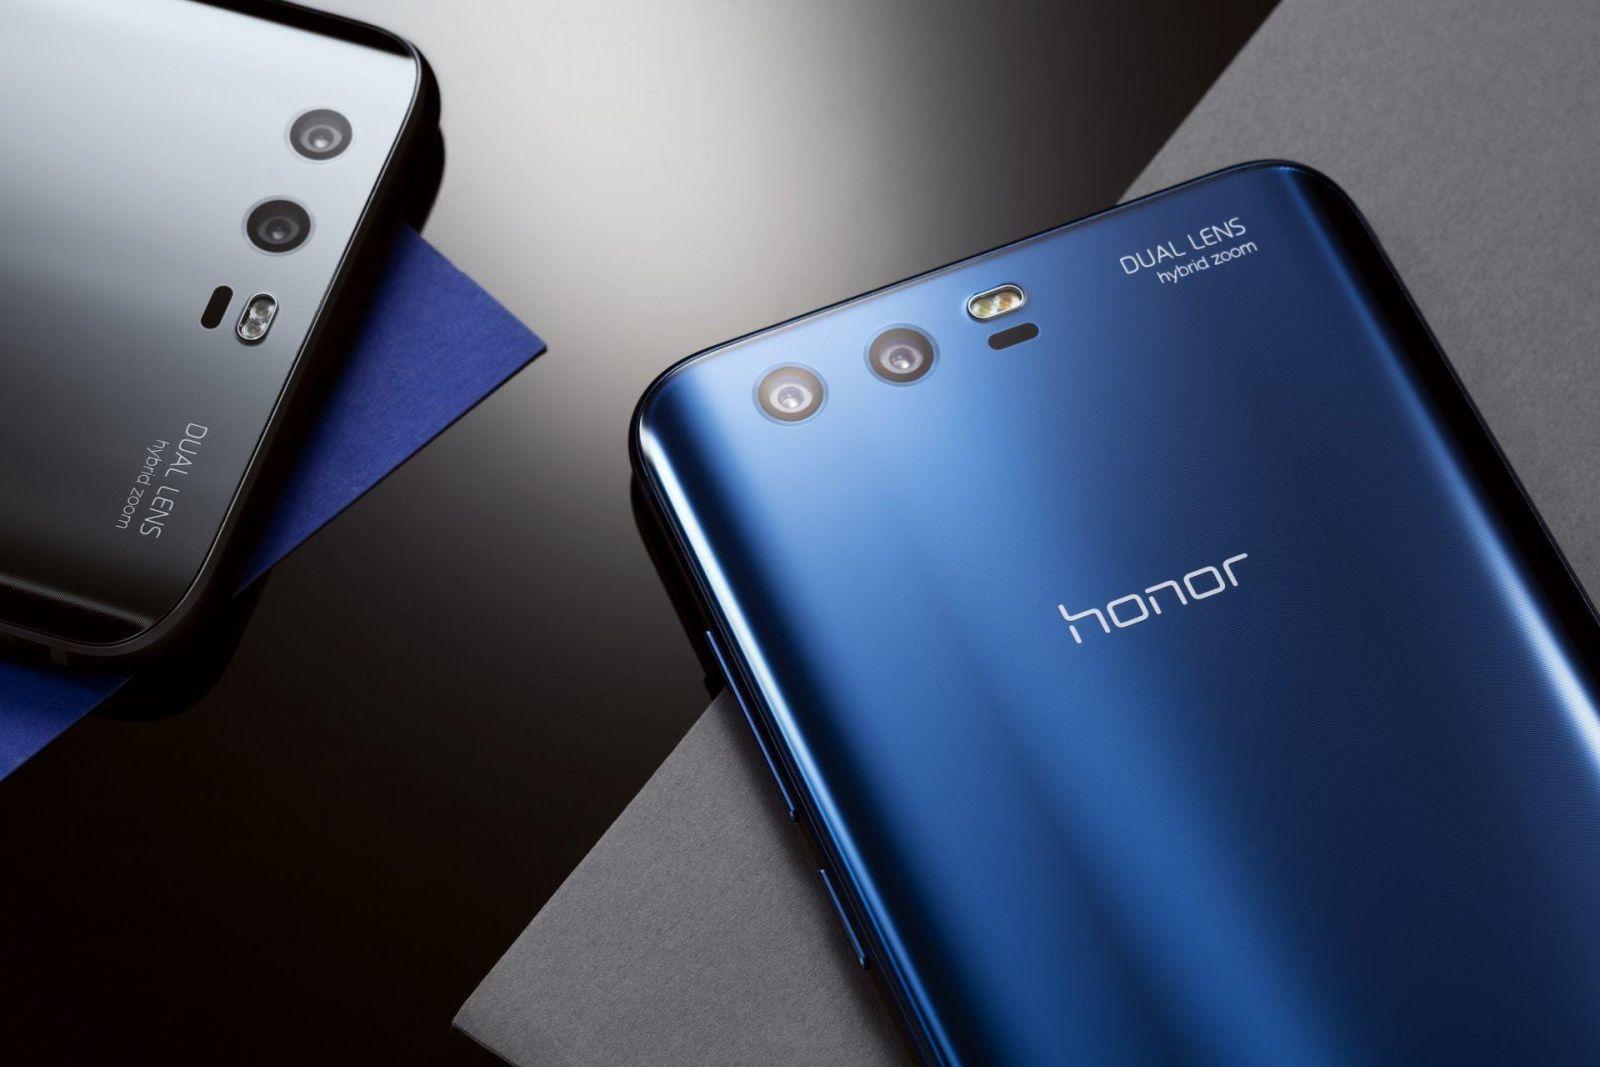 В мире уже купили 1 миллион Honor 9 (0 14f70e be9914e0 orig)